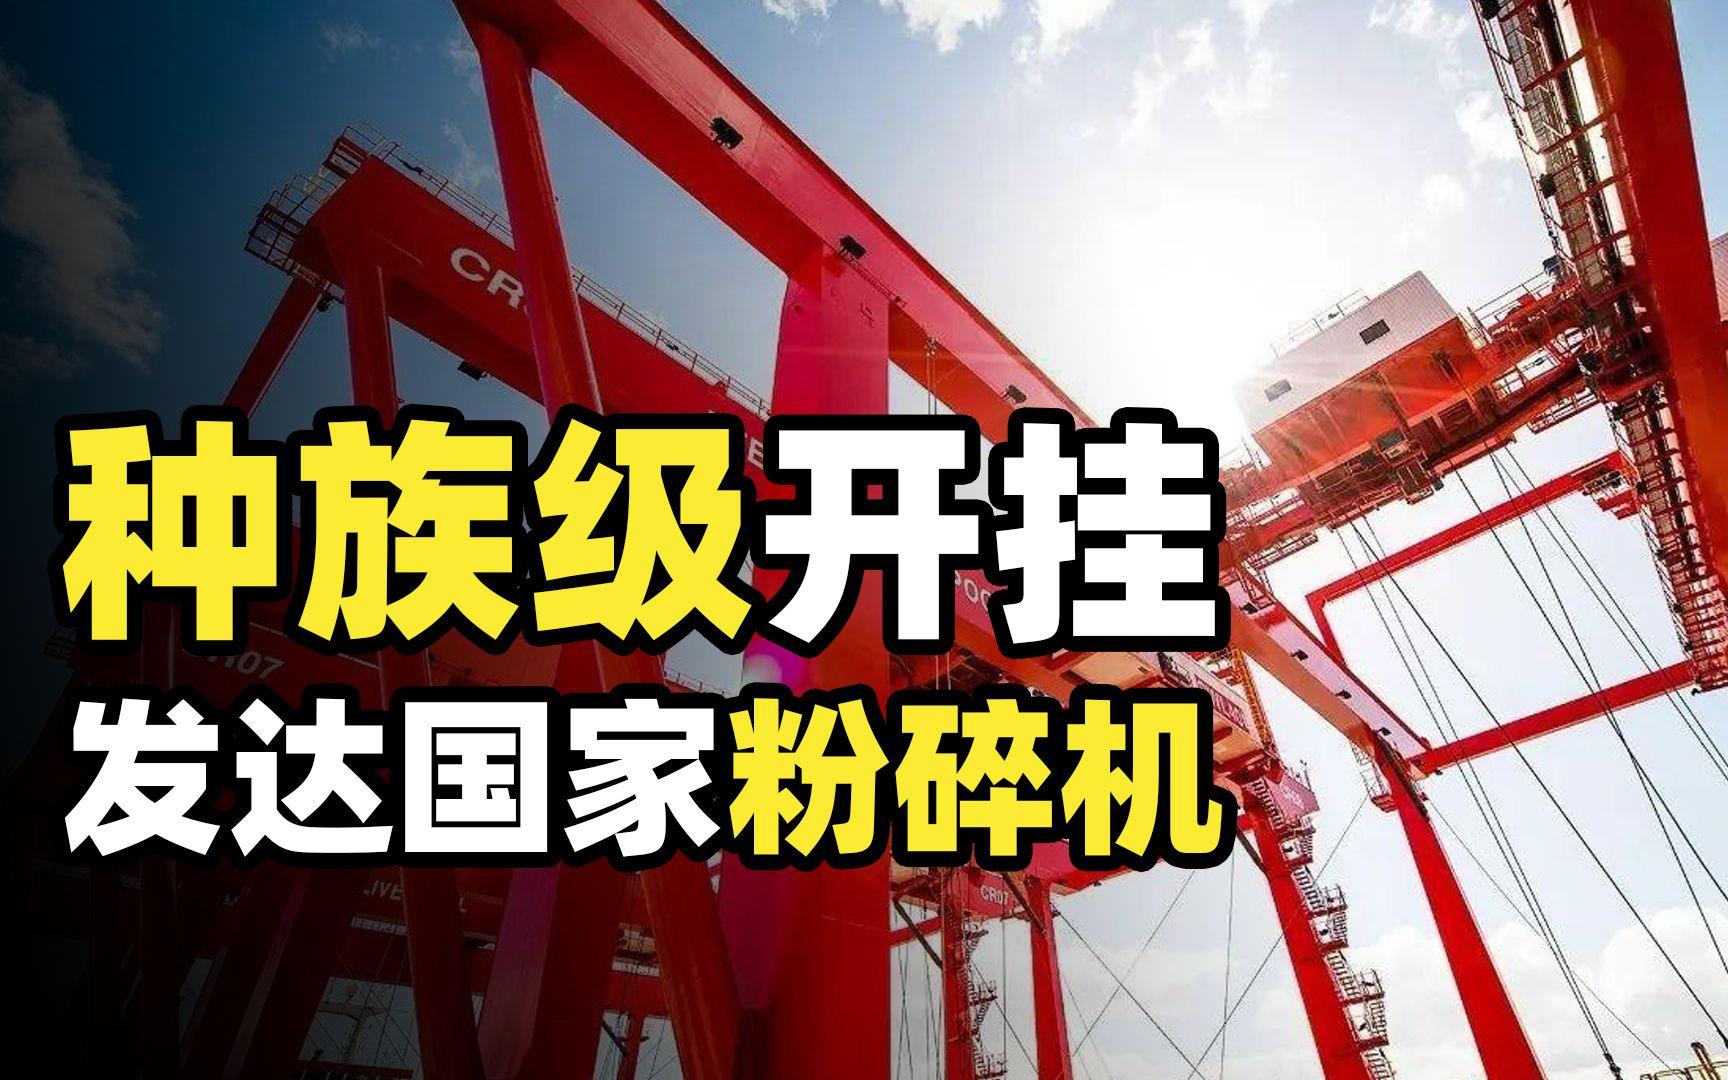 中国为何成发达国家粉碎机? 种族加成的背后, 全产业链的恐怖优势